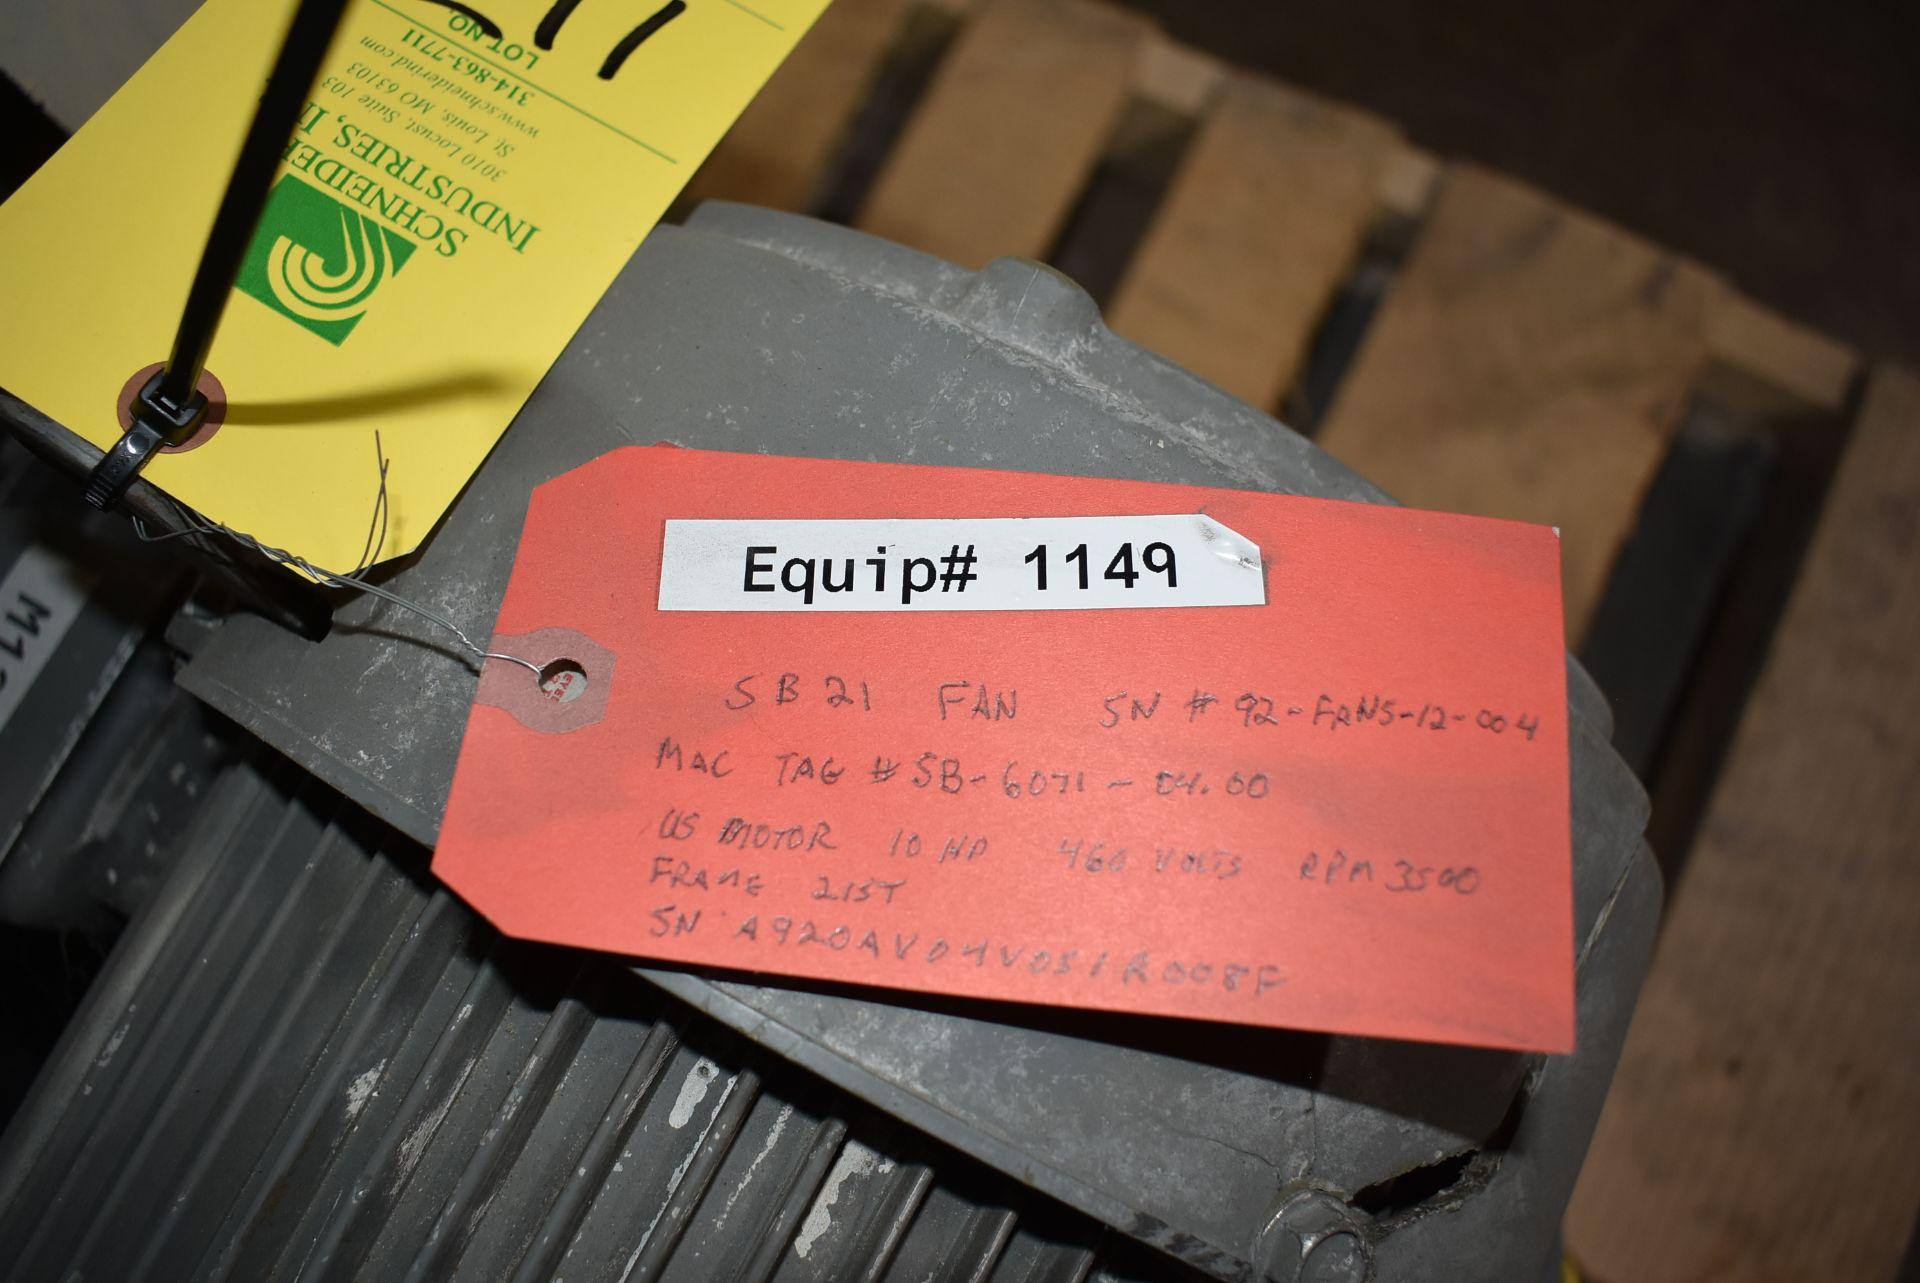 Mac #SB-6071 Fan/Blower w/ 7 1/2 HP Motor - Image 2 of 3